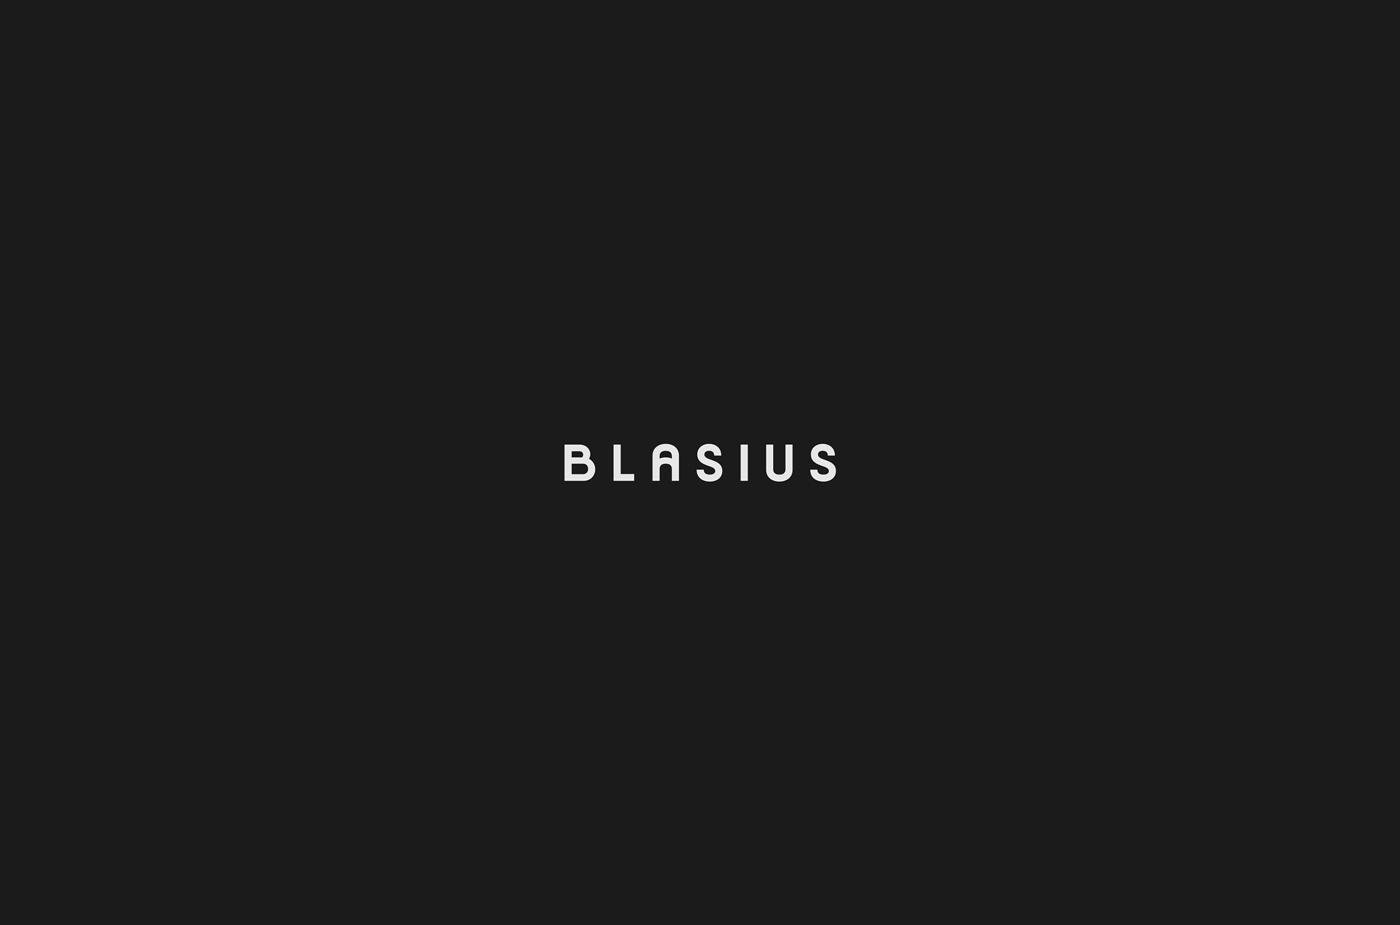 Blasius.png